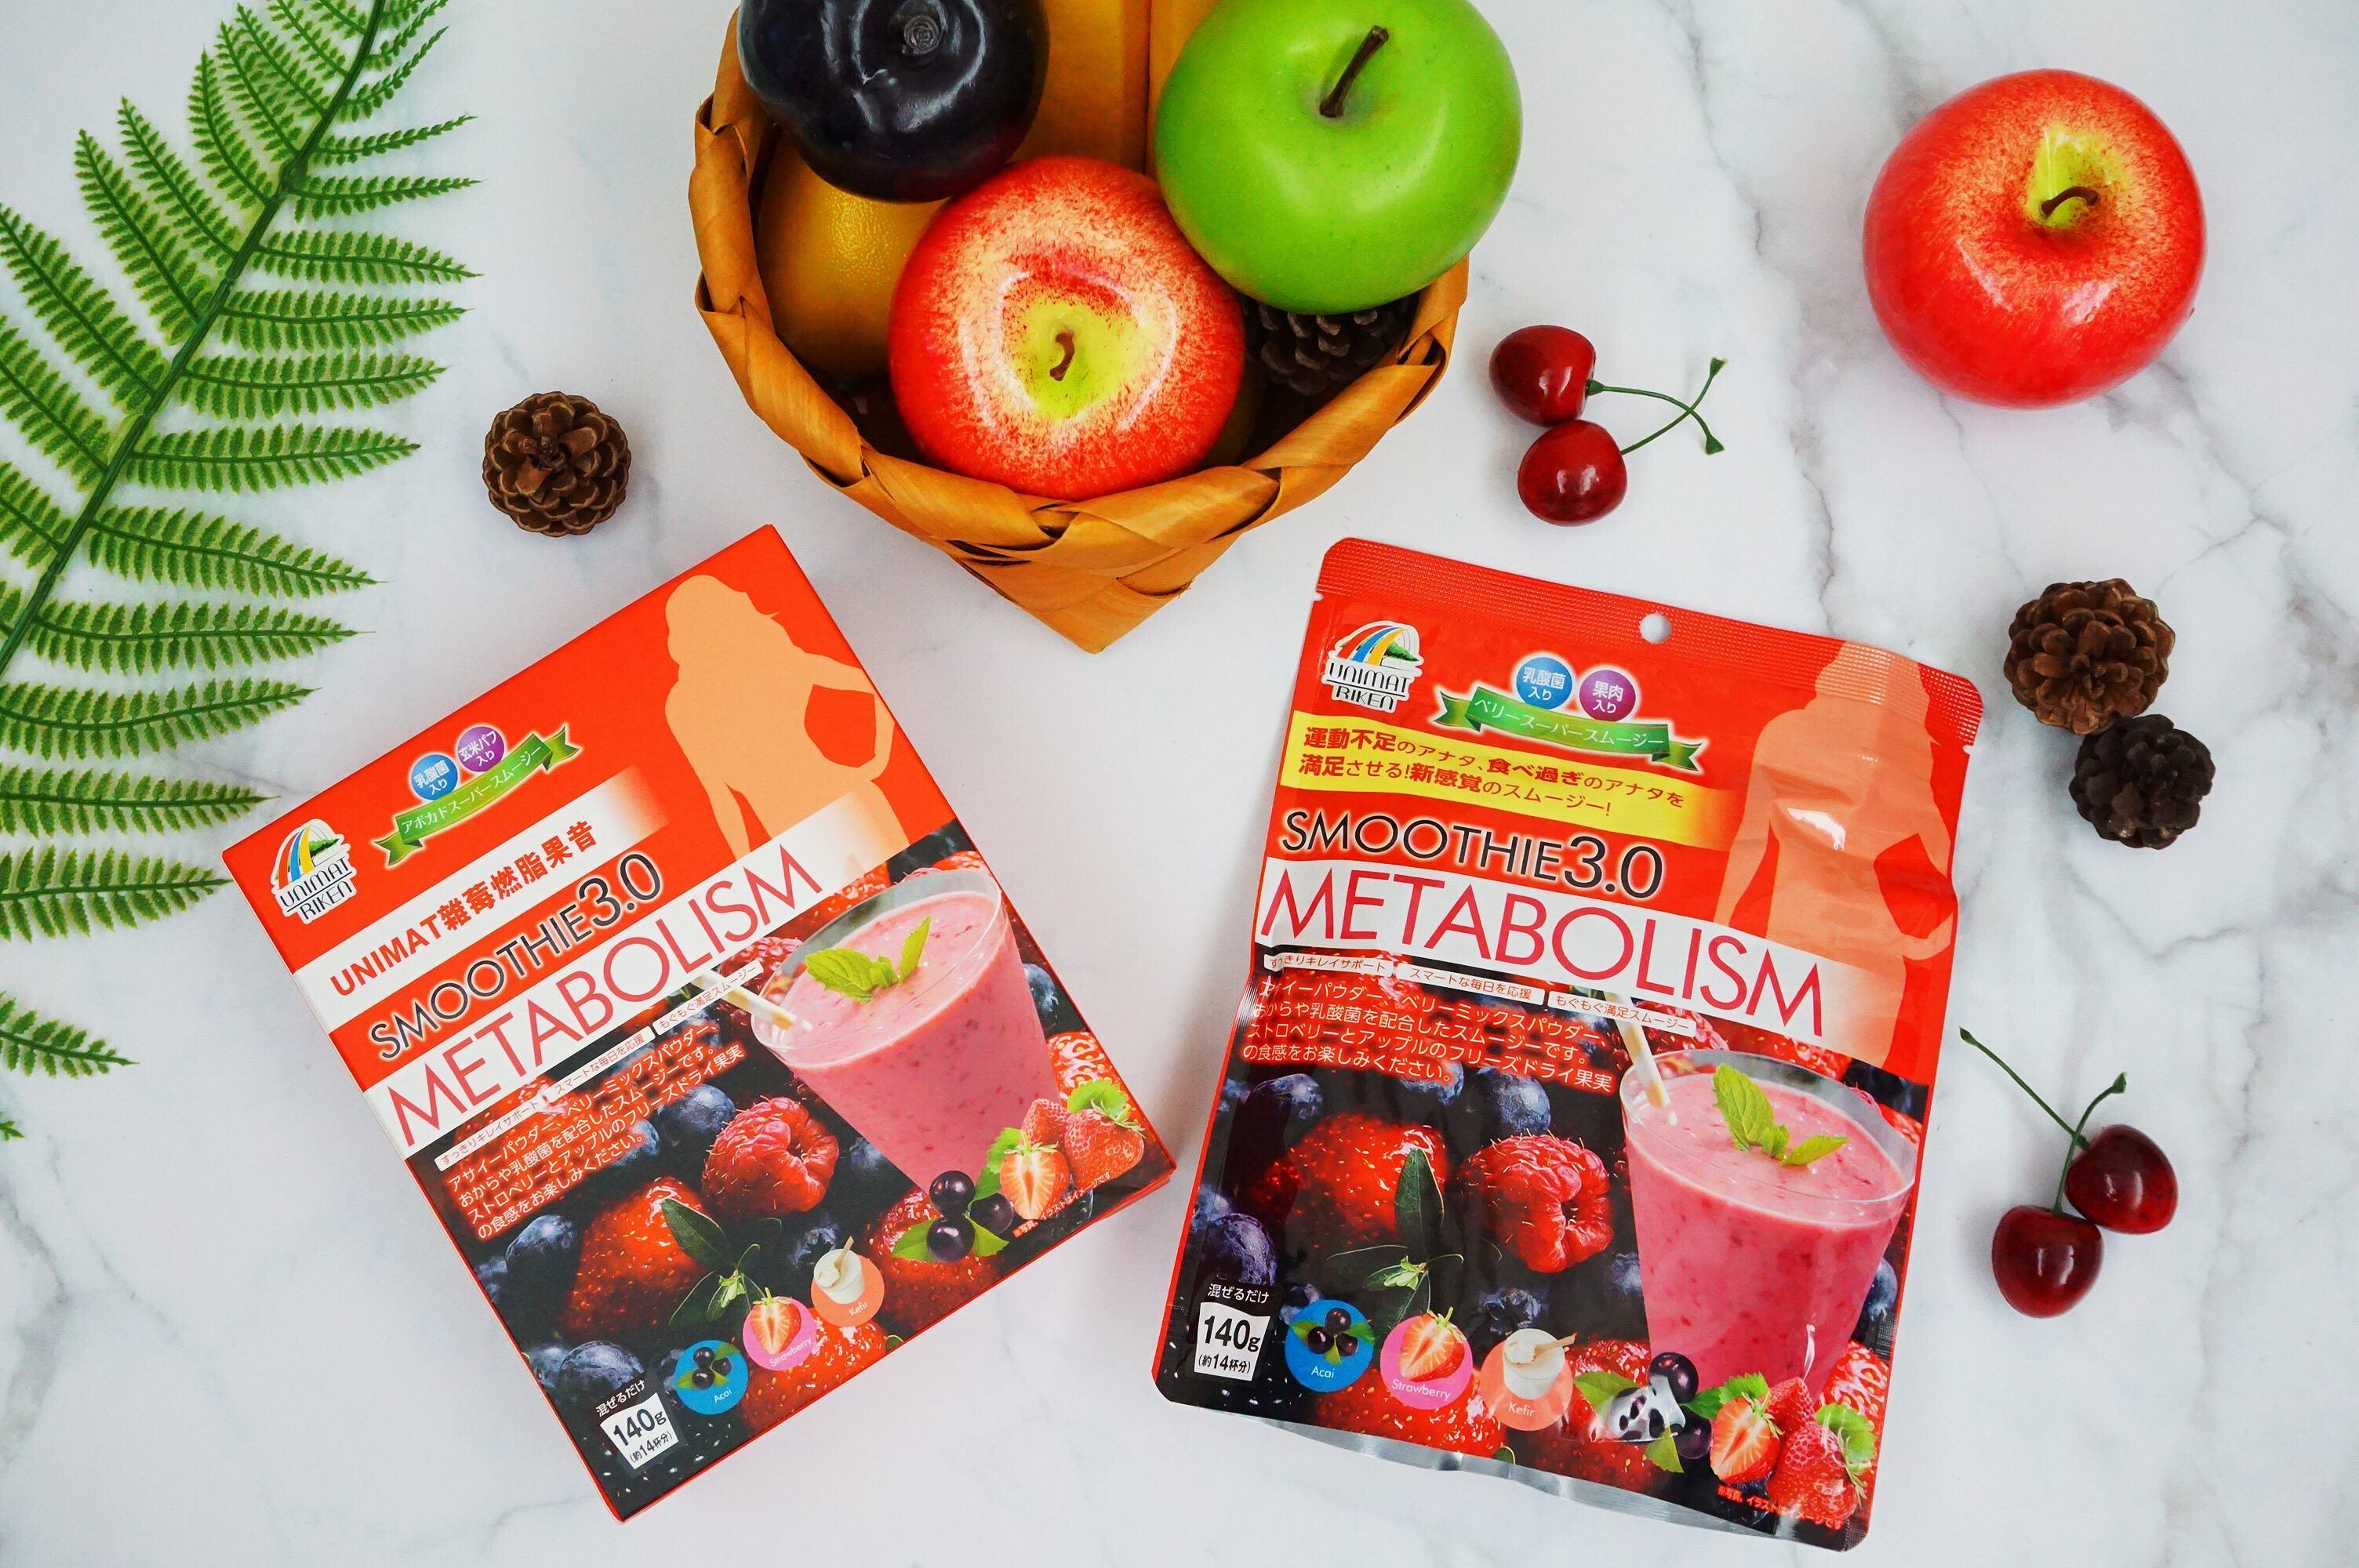 絕密公開Unimat雜莓燃脂果昔營養瘦身配方,零運動、零戒口,成功飽住瘦